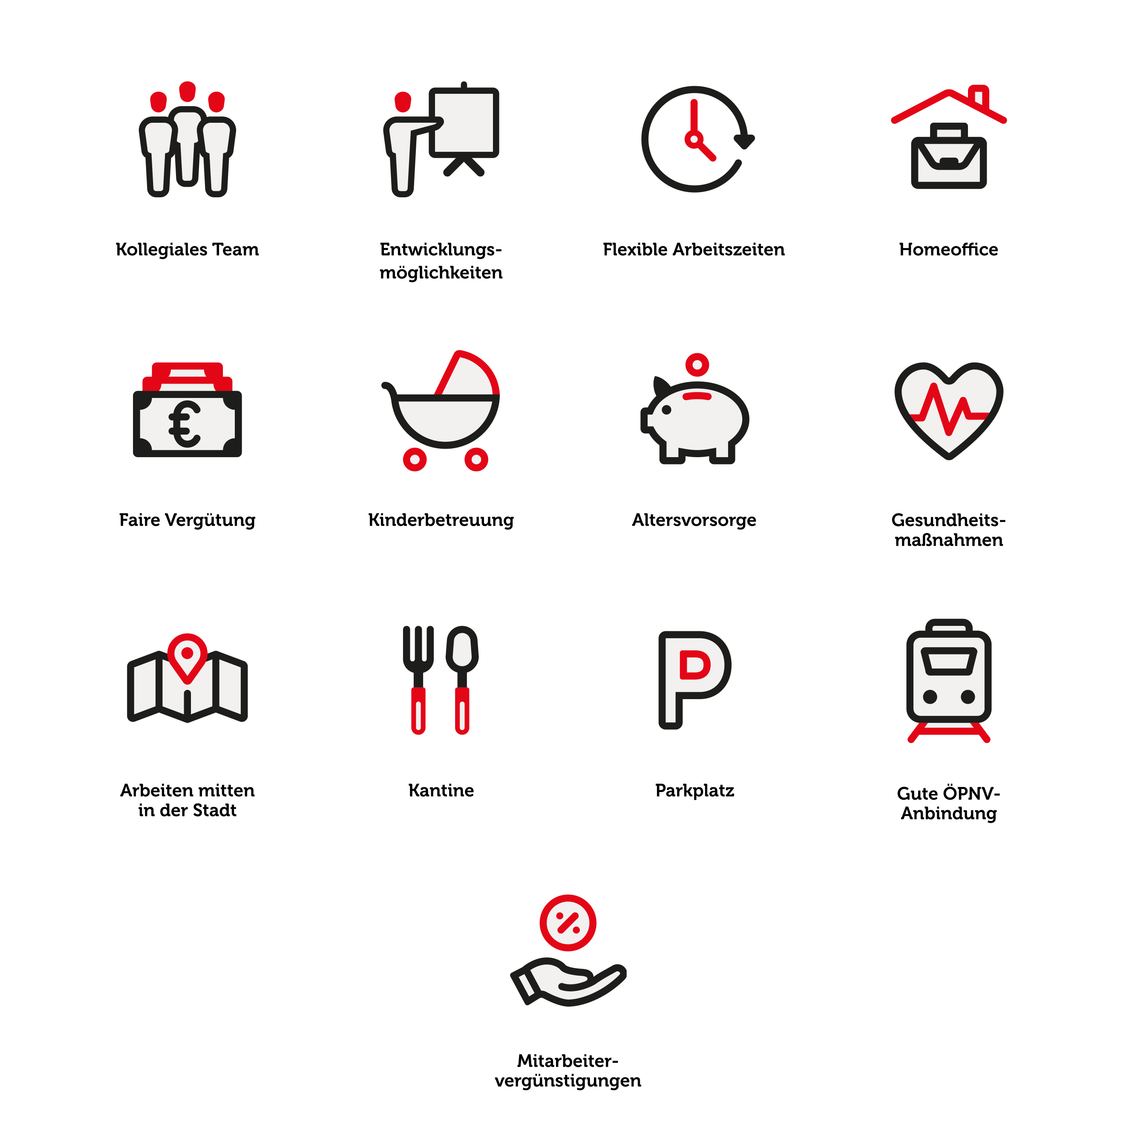 Benefits für Mitarbeitende im Überblick